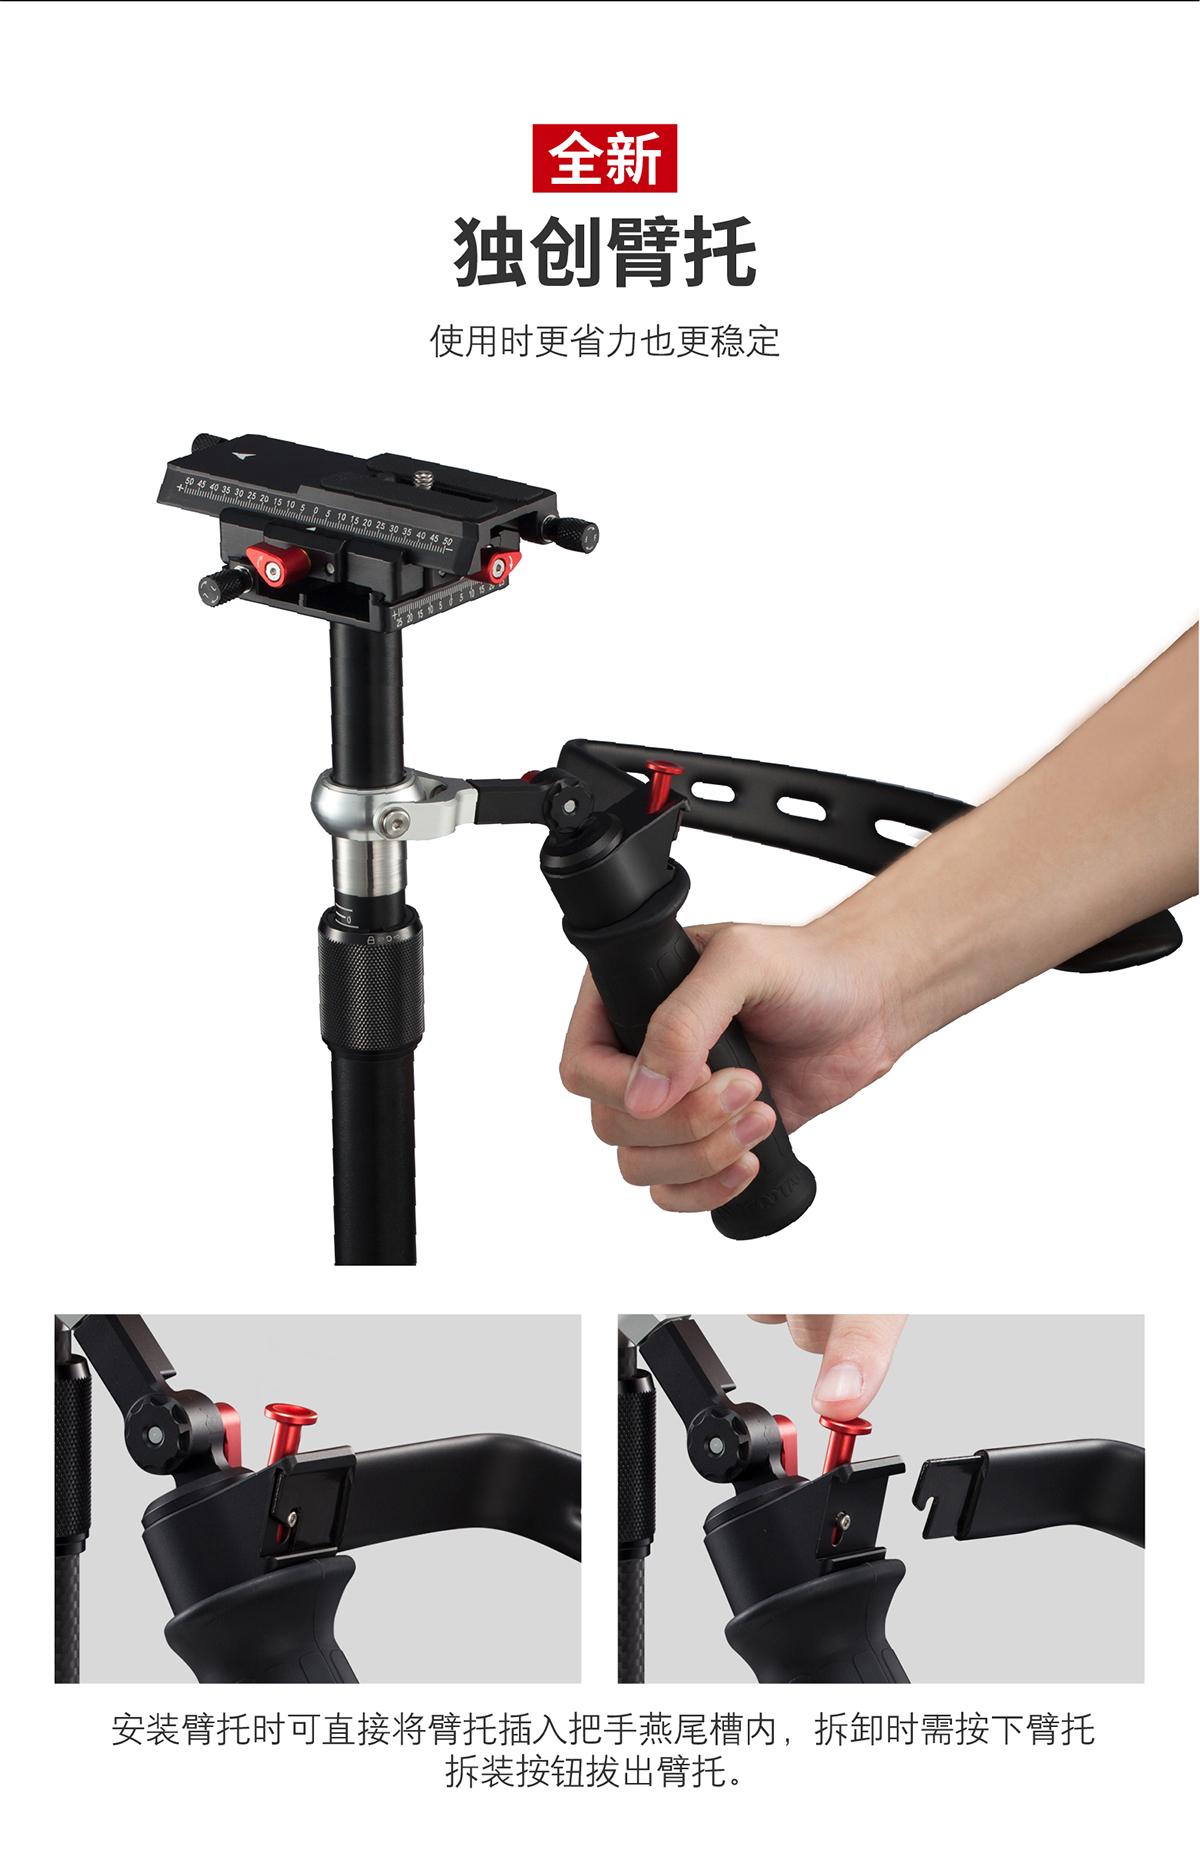 印迹iFootage山猫三代MS3稳定器 手持机械专业防抖易用便携稳定器